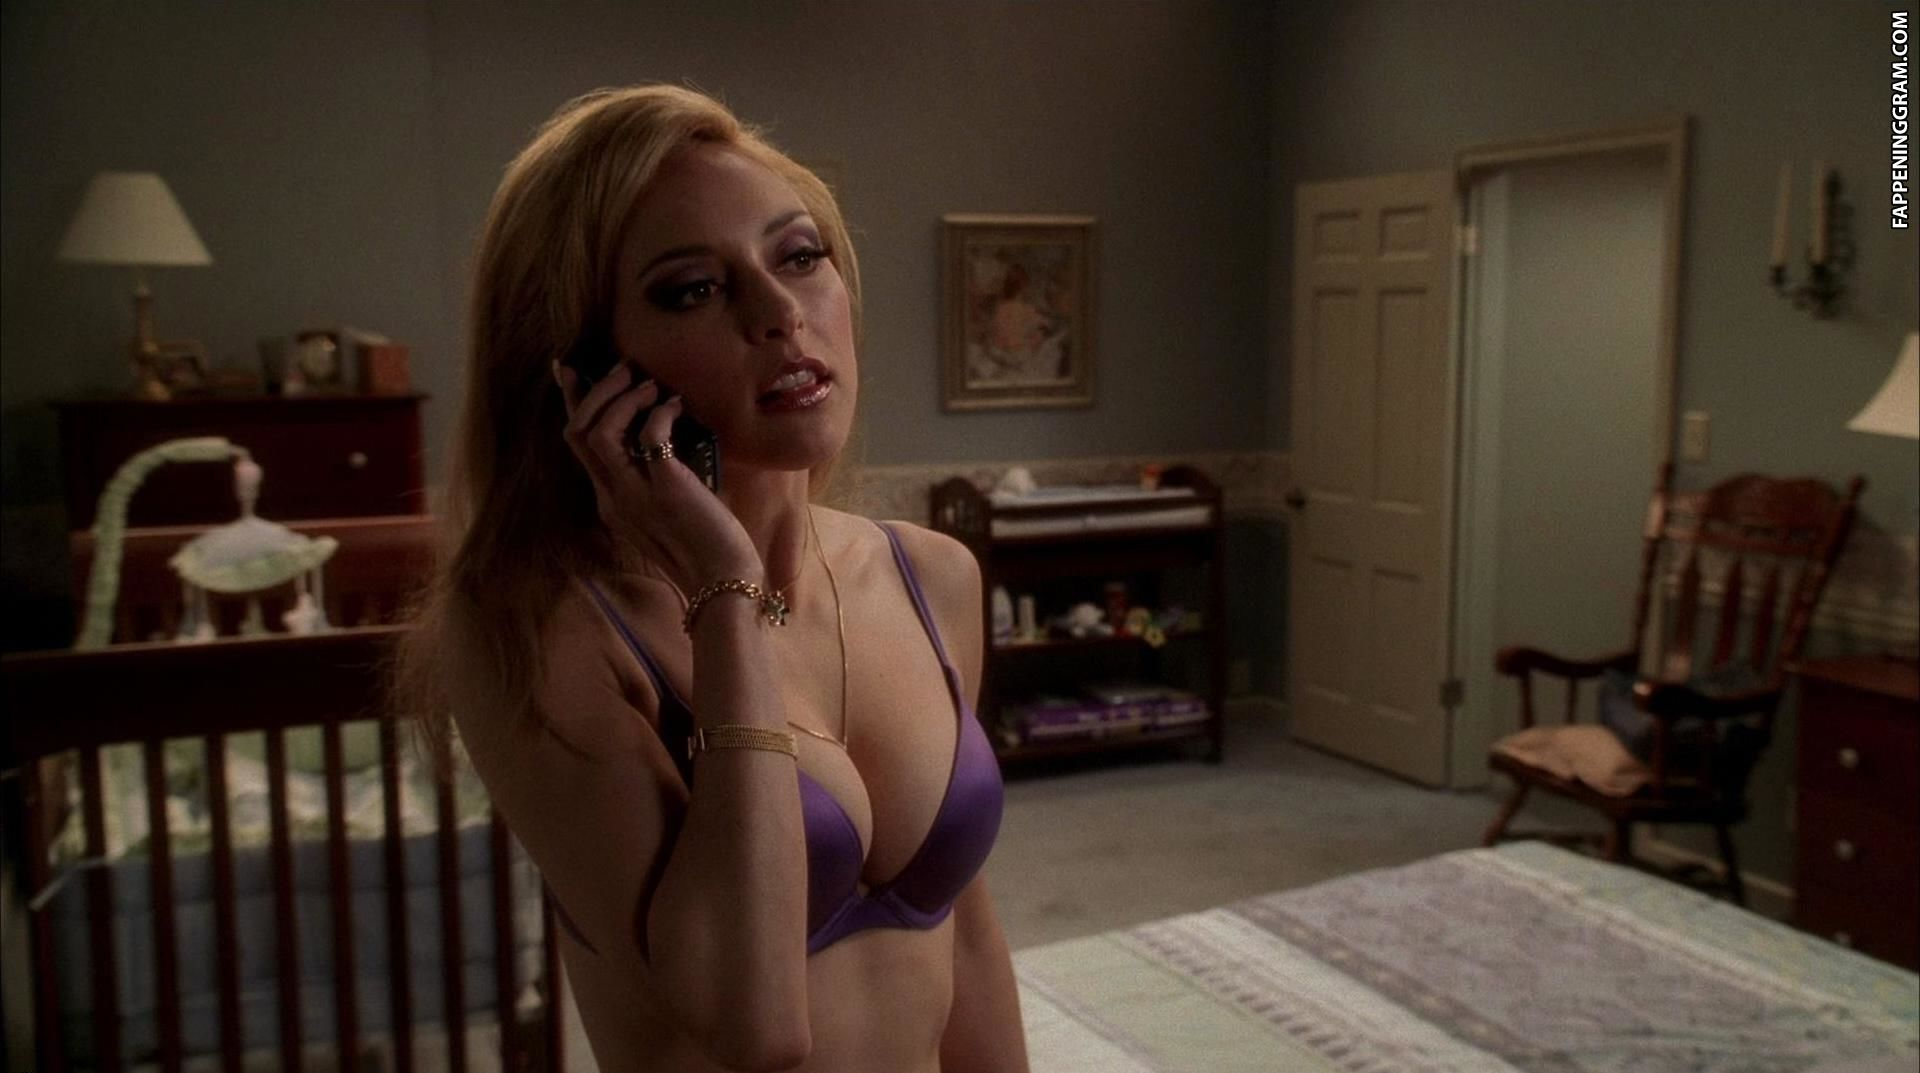 Carmela soprano sex scenes domination porn pics